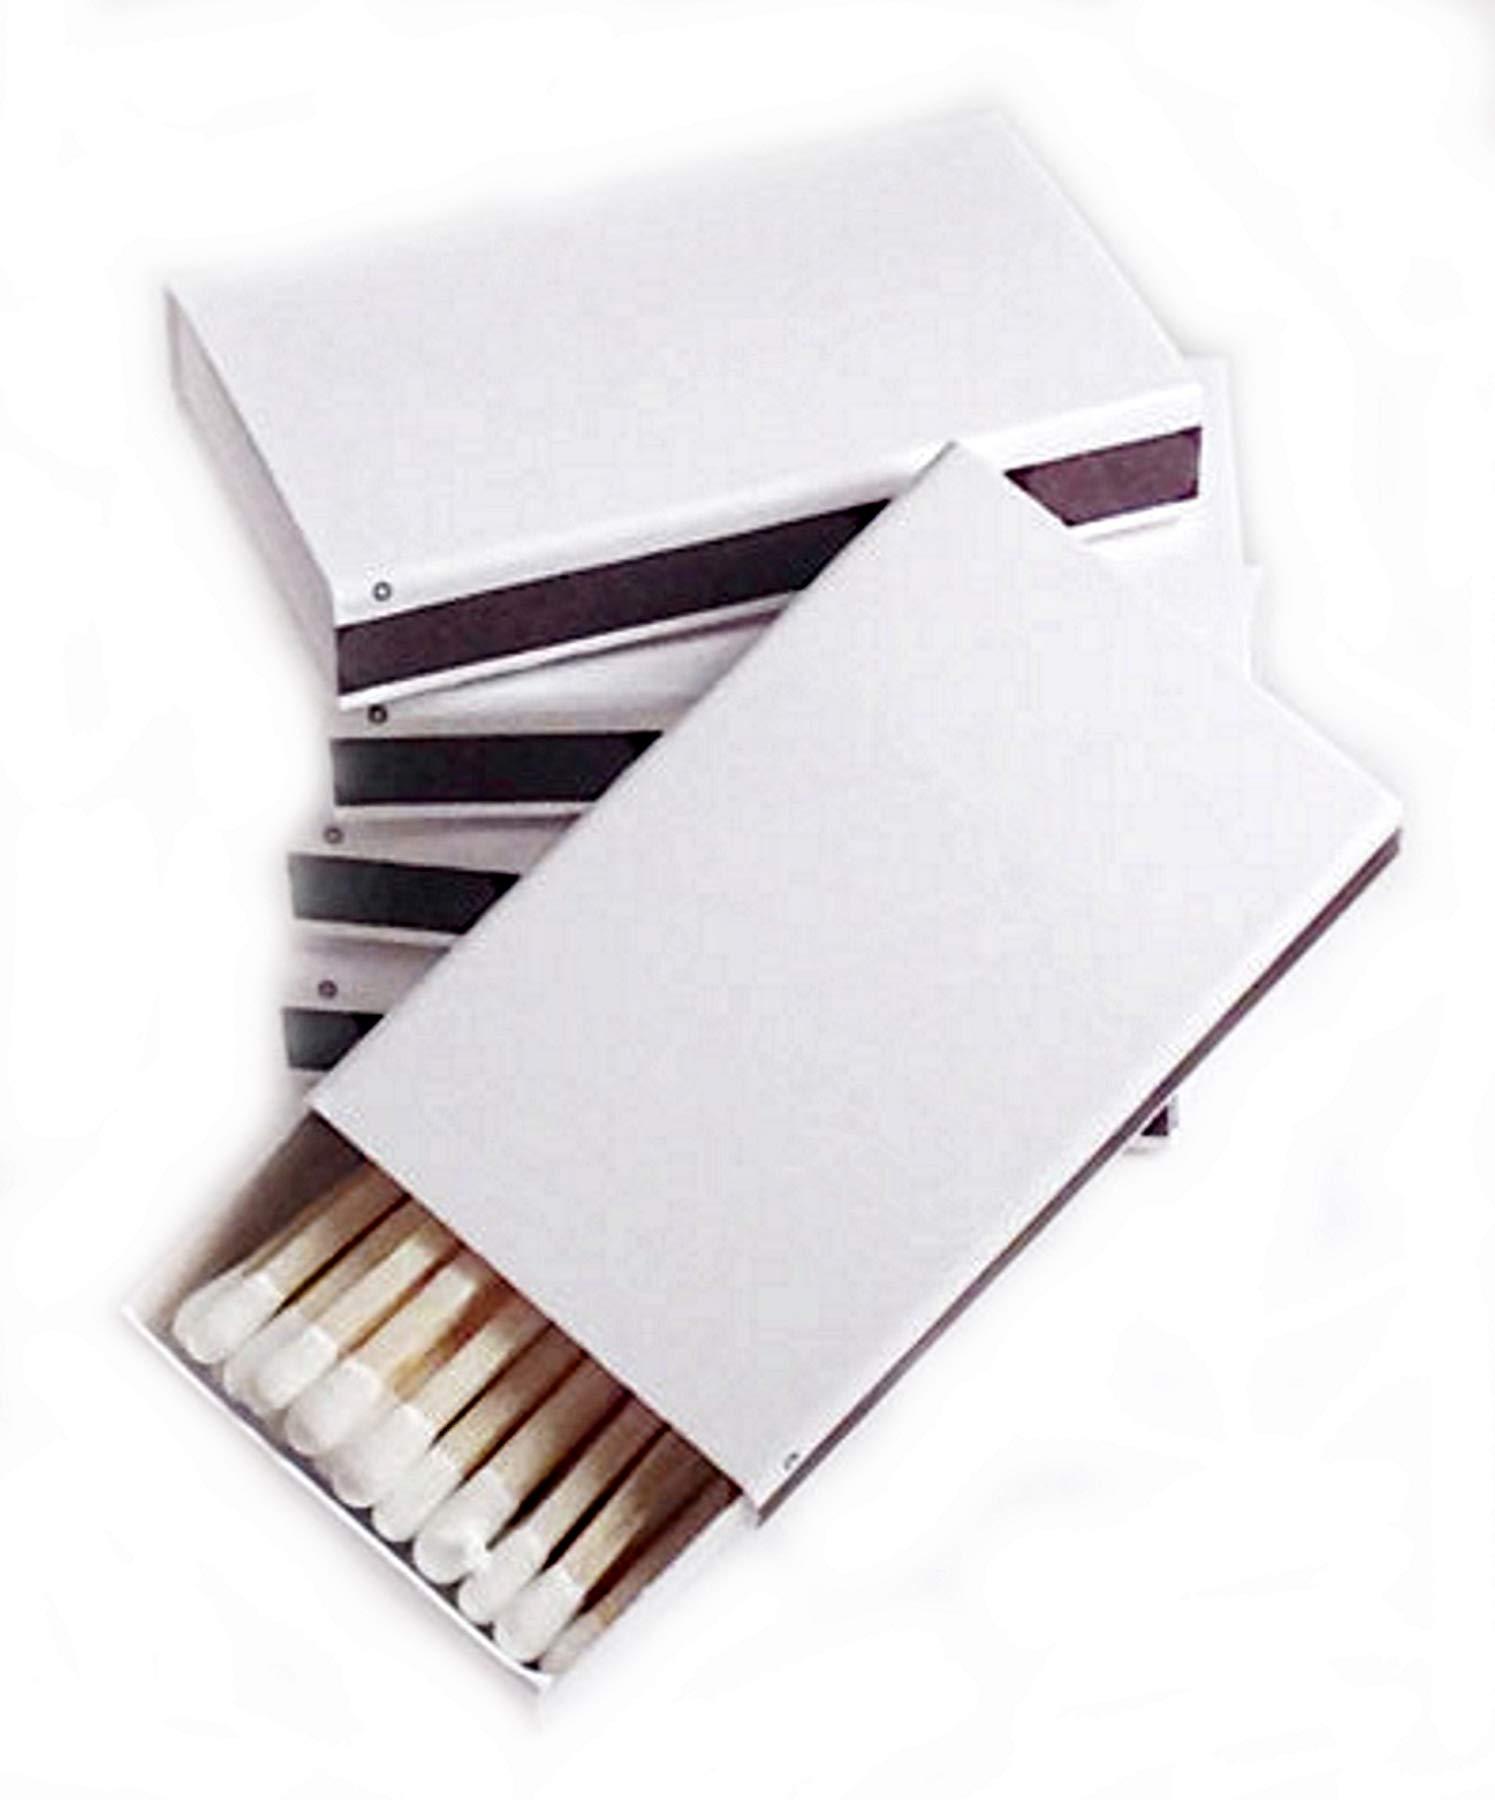 Party Favors Plus 50 Plain White Cover Wooden Matches Box Matches by Party Favors Plus